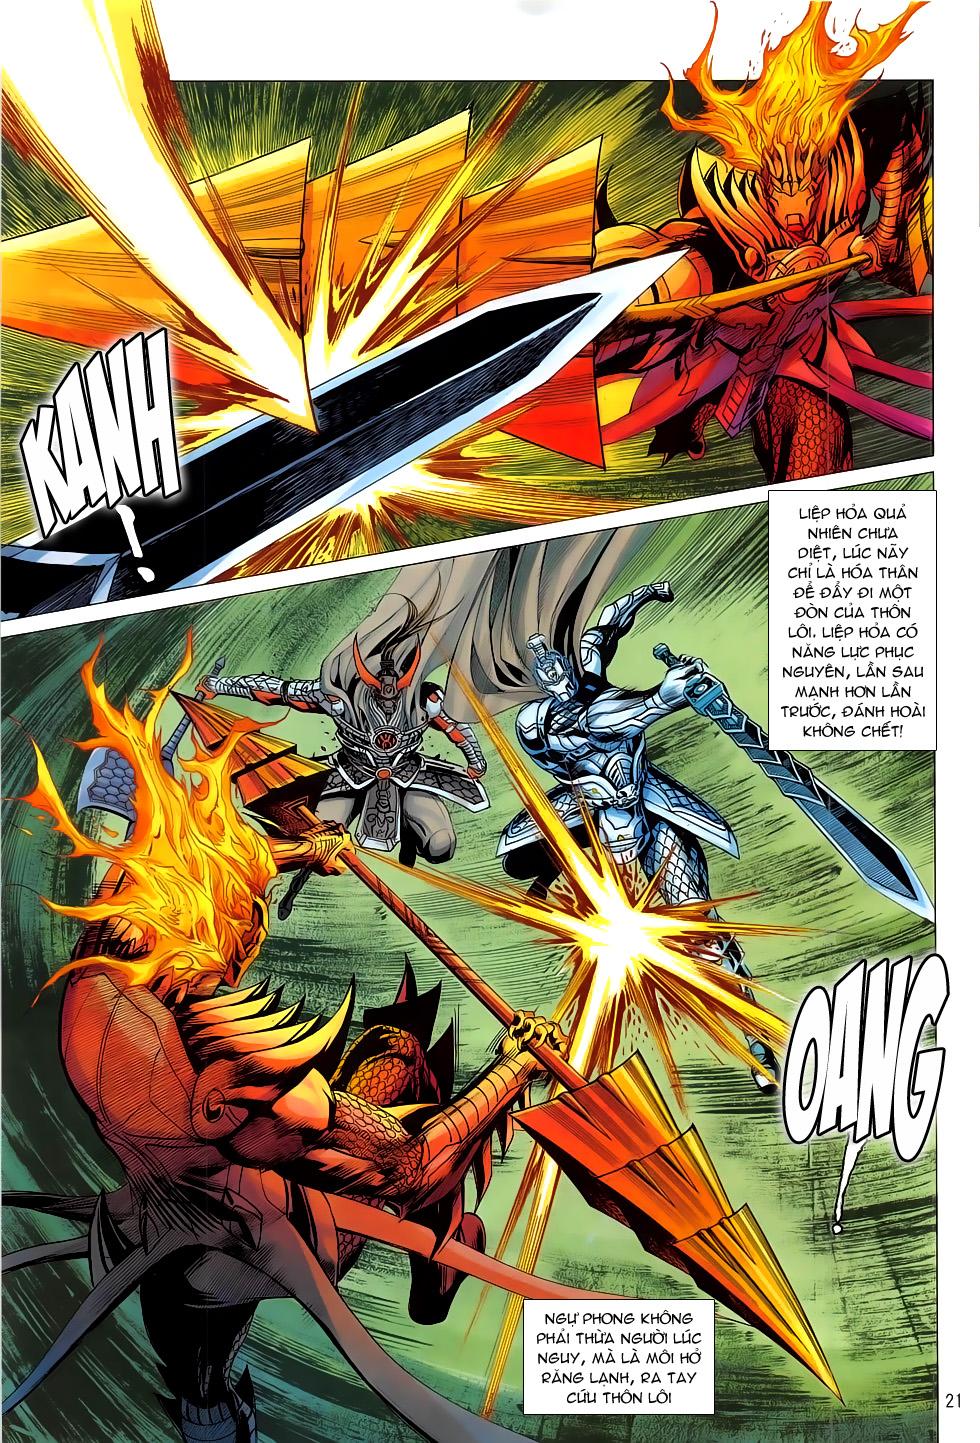 Chiến Phổ chap 19 - Trang 21